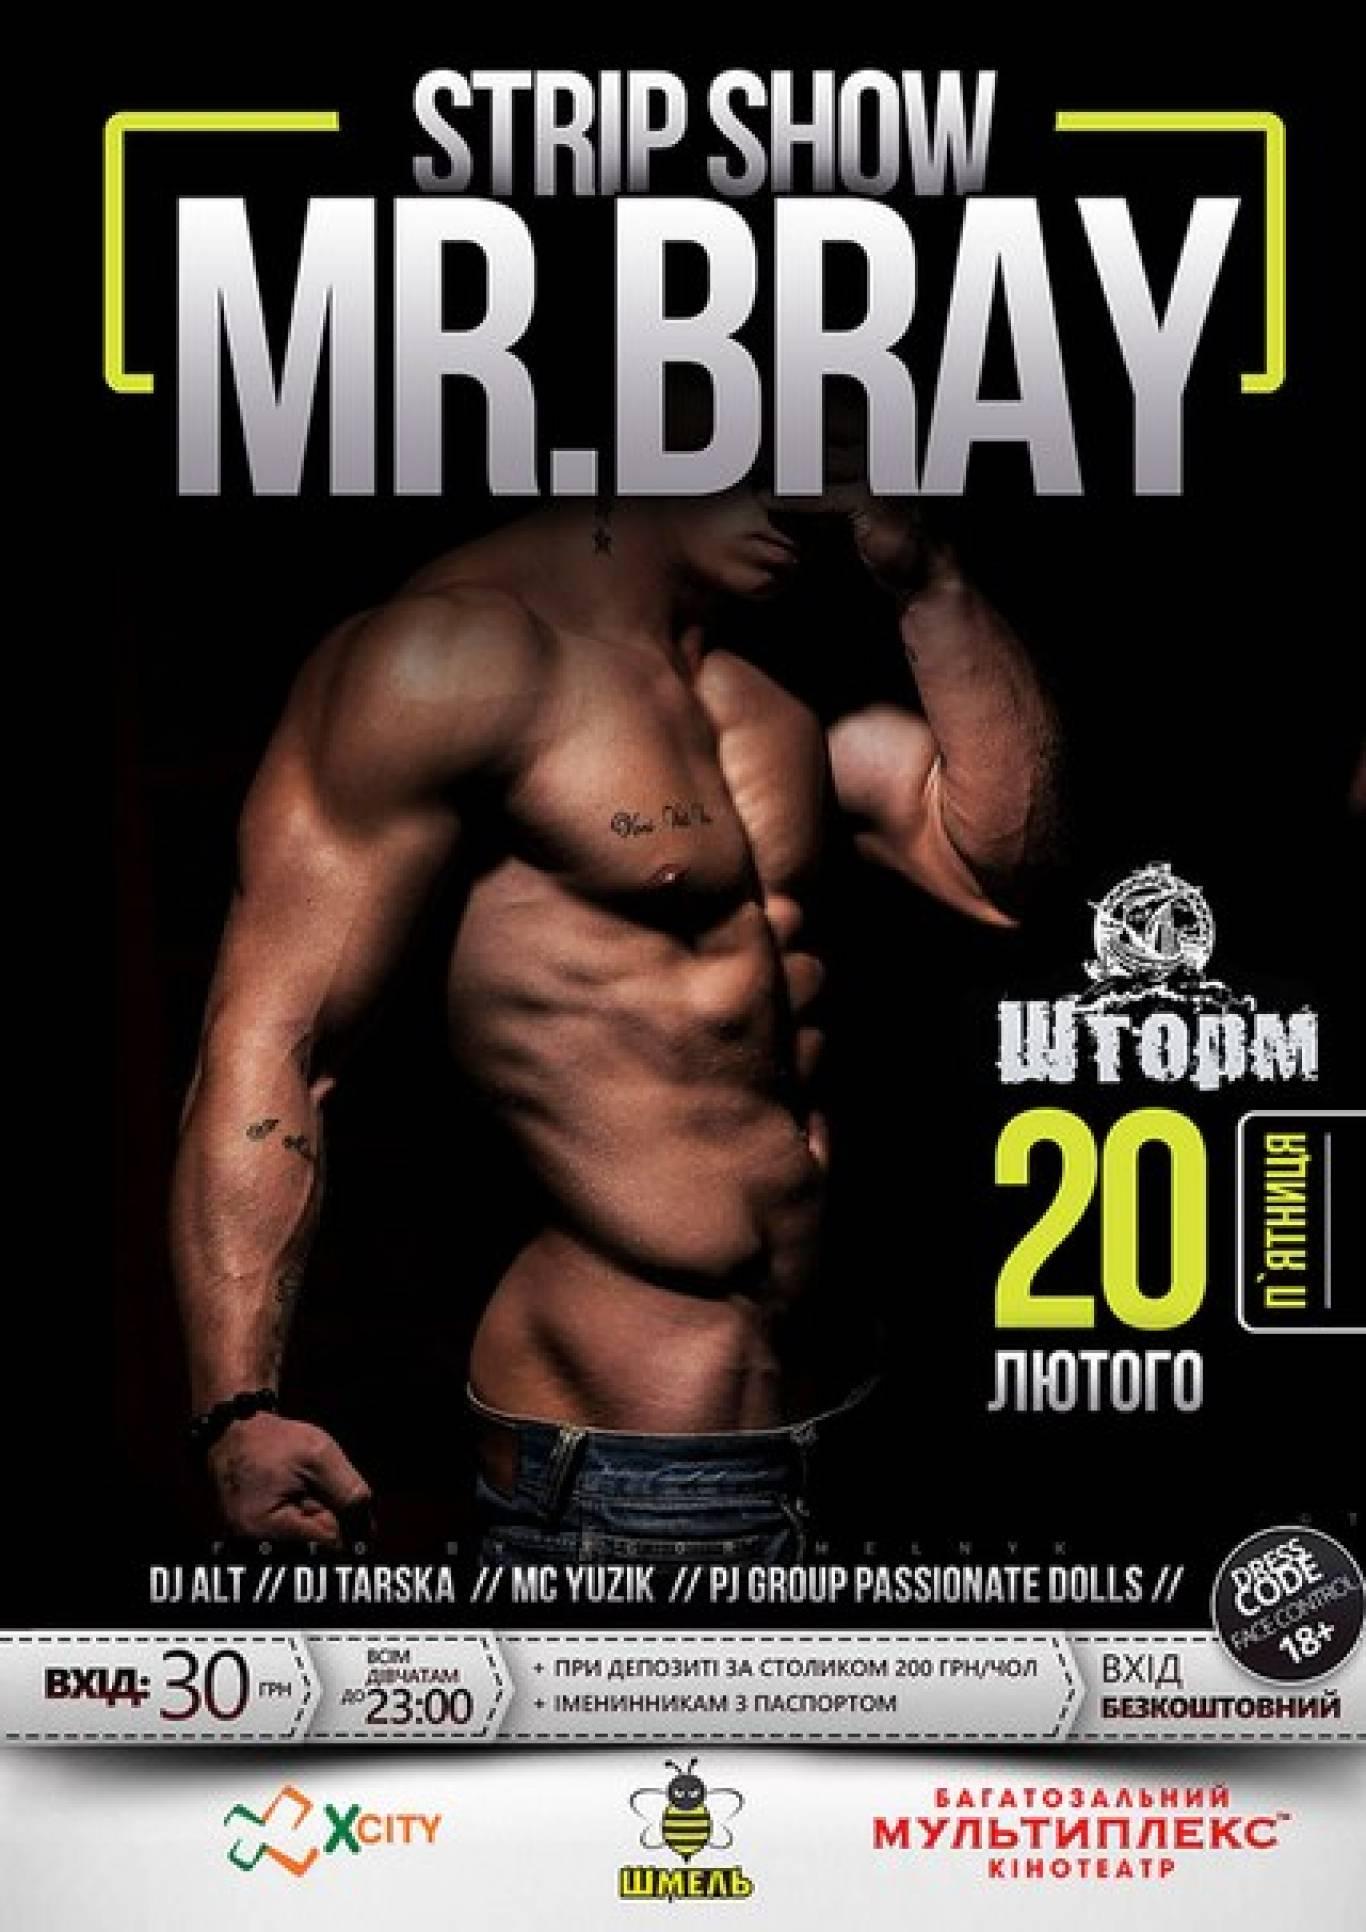 Strip show Mr. Bray